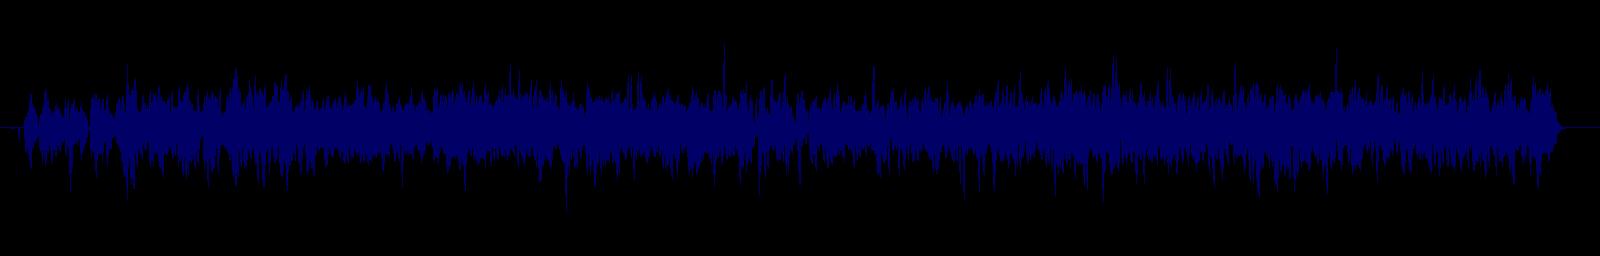 waveform of track #131780